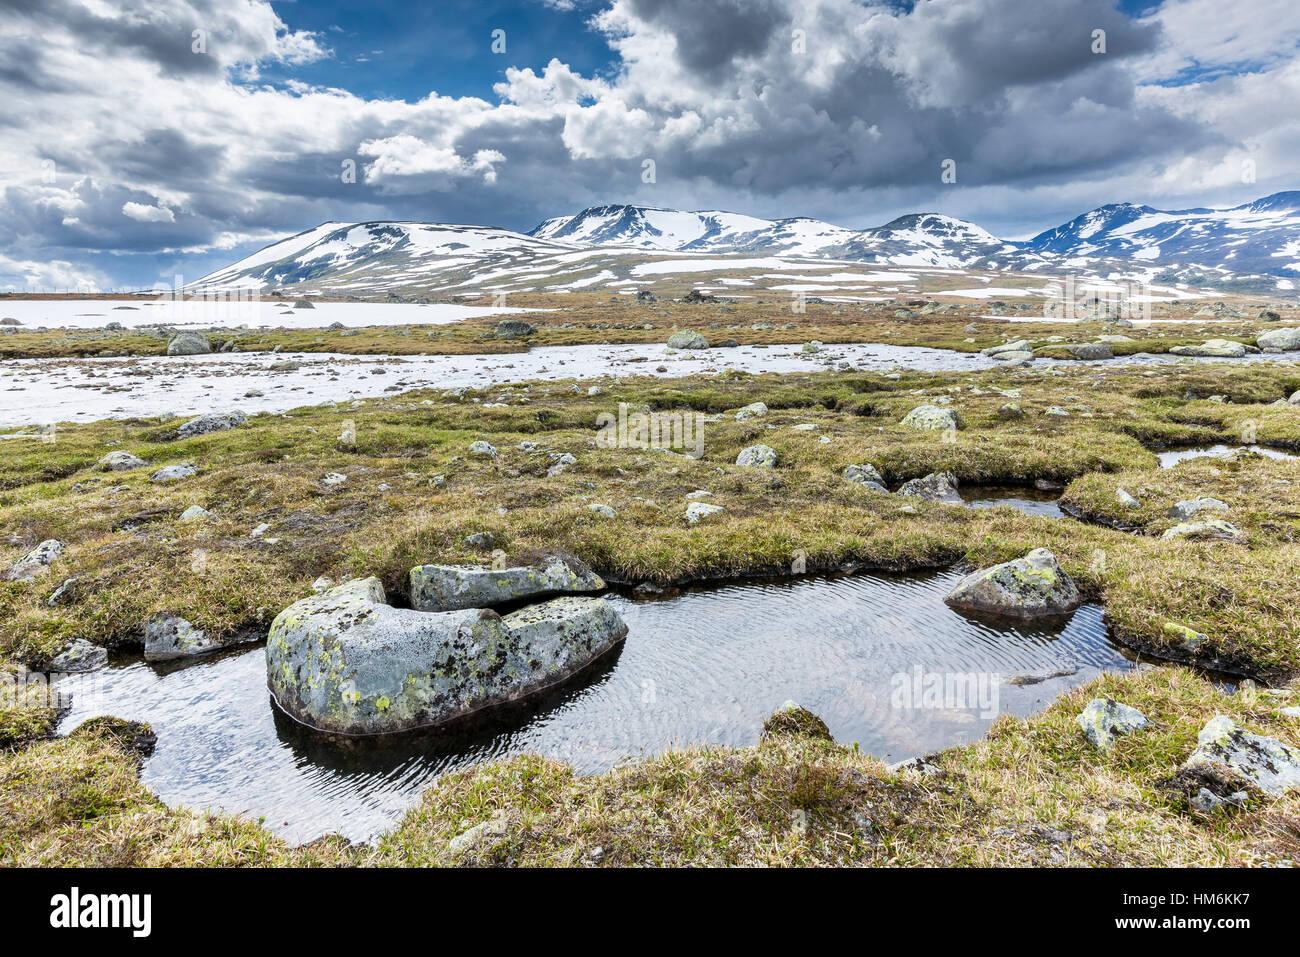 Valdresflya, Jotunheimen National Park region of Sogn og Fjordane Oppdalen, south Norway - Stock Image